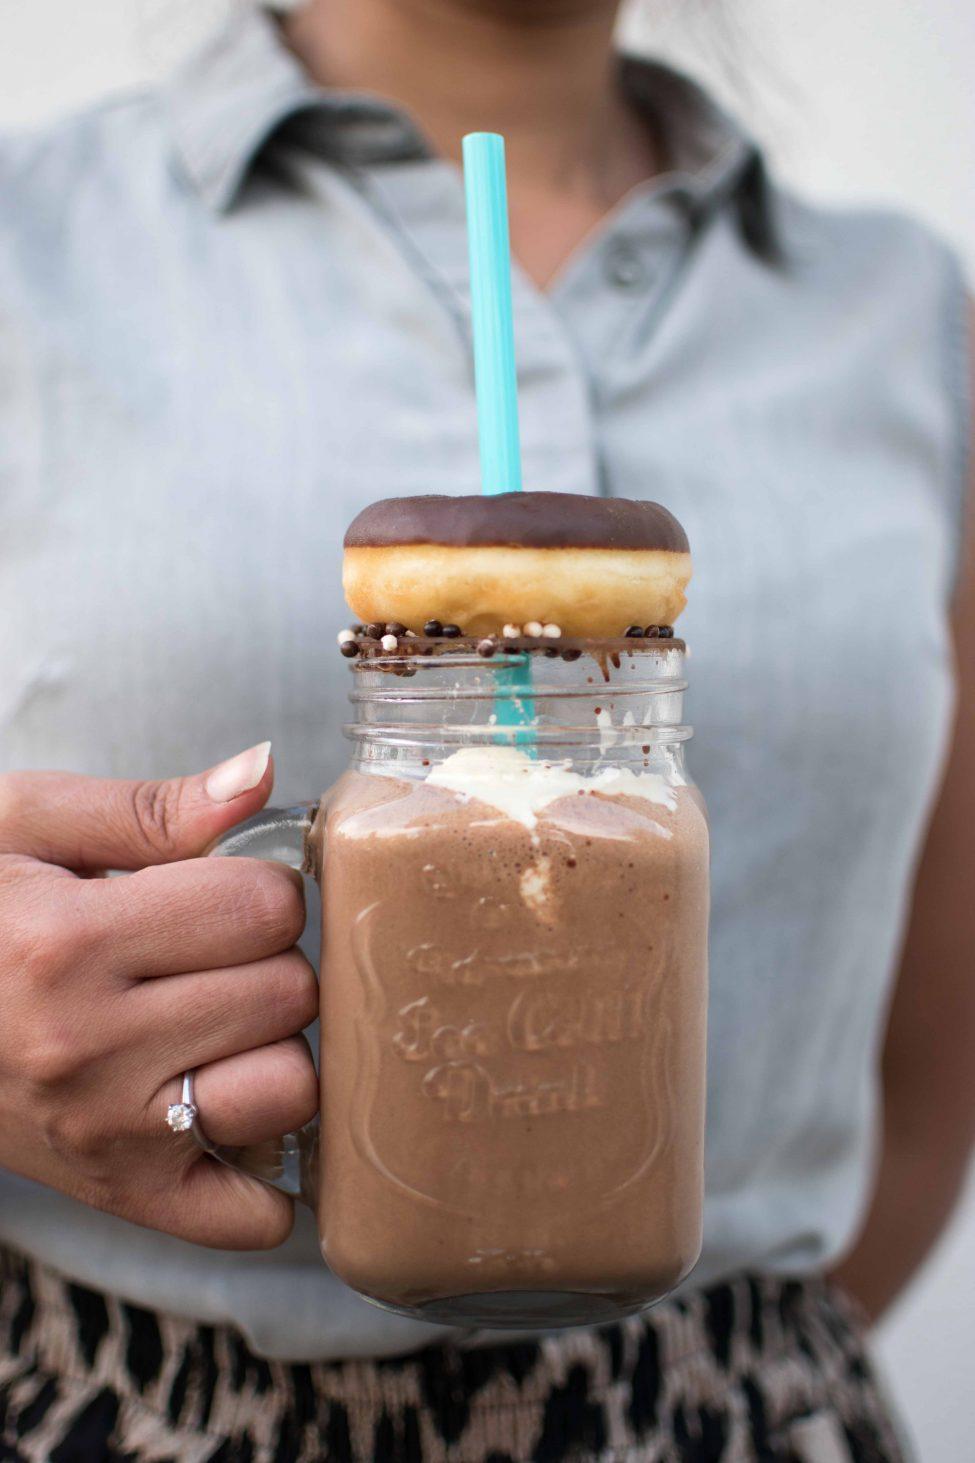 Chocolade freakshake (extravagante chocolade milkshake)